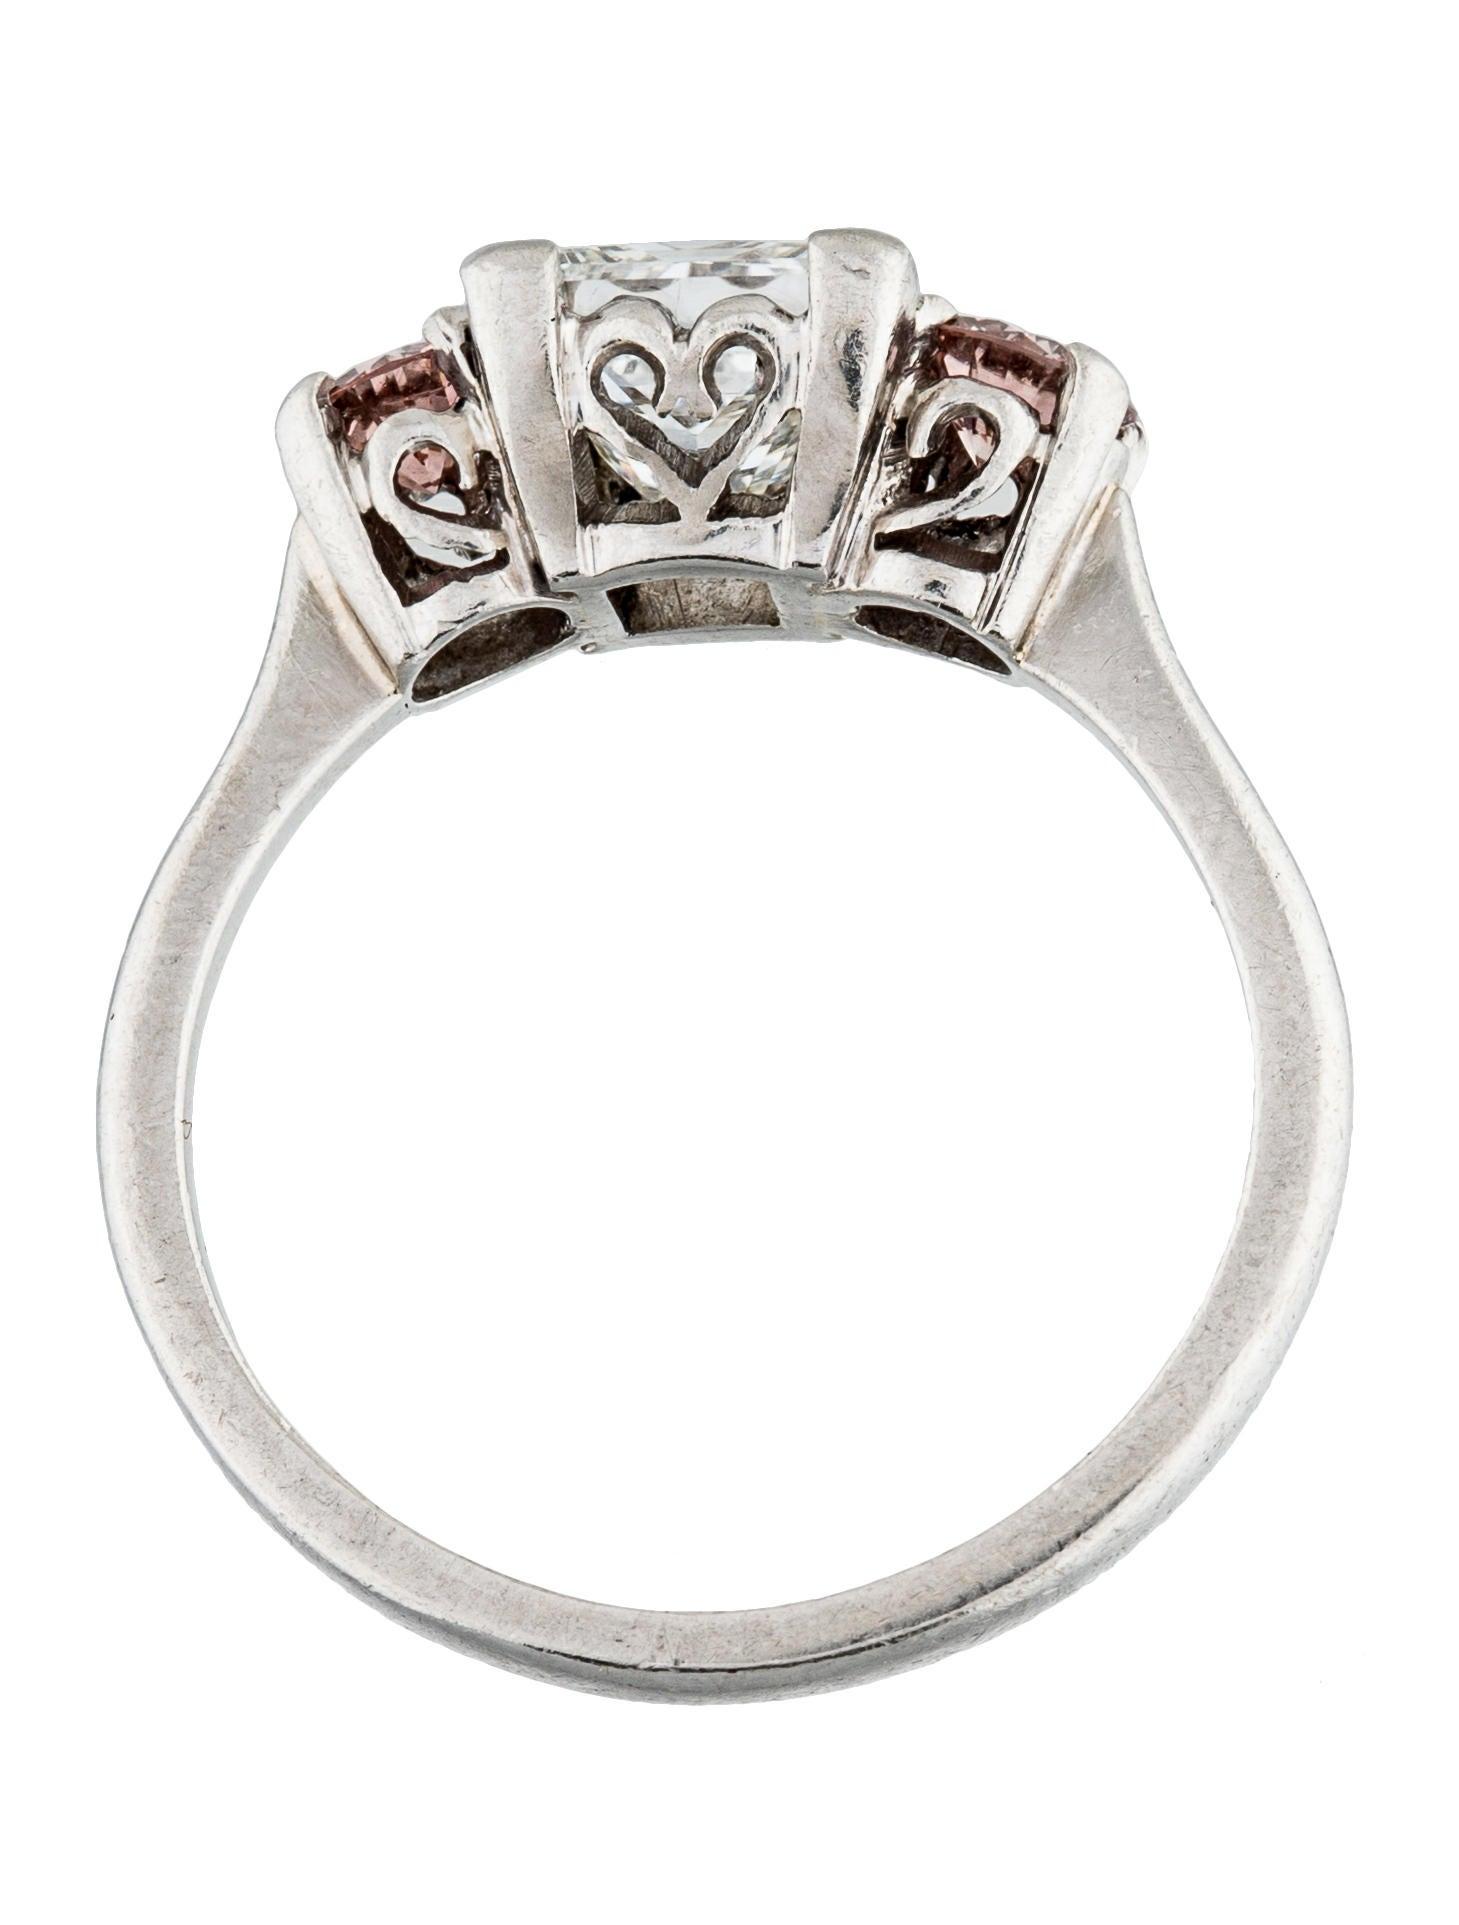 Platinum princess cut diamond three stone engagement ring for Platinum princess cut wedding rings